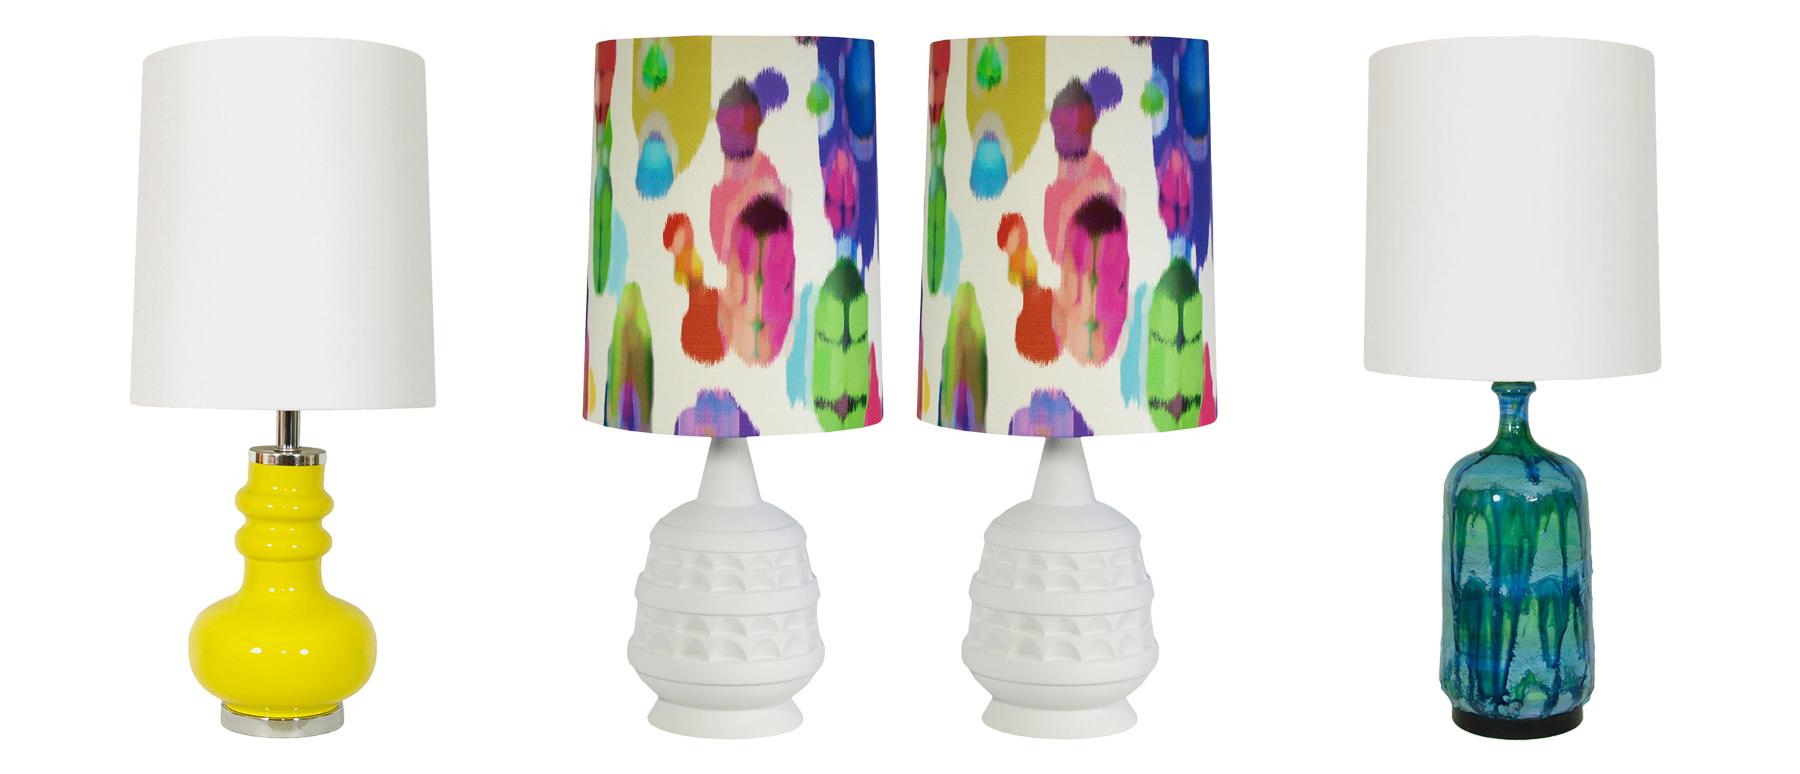 lamps homepage.jpg